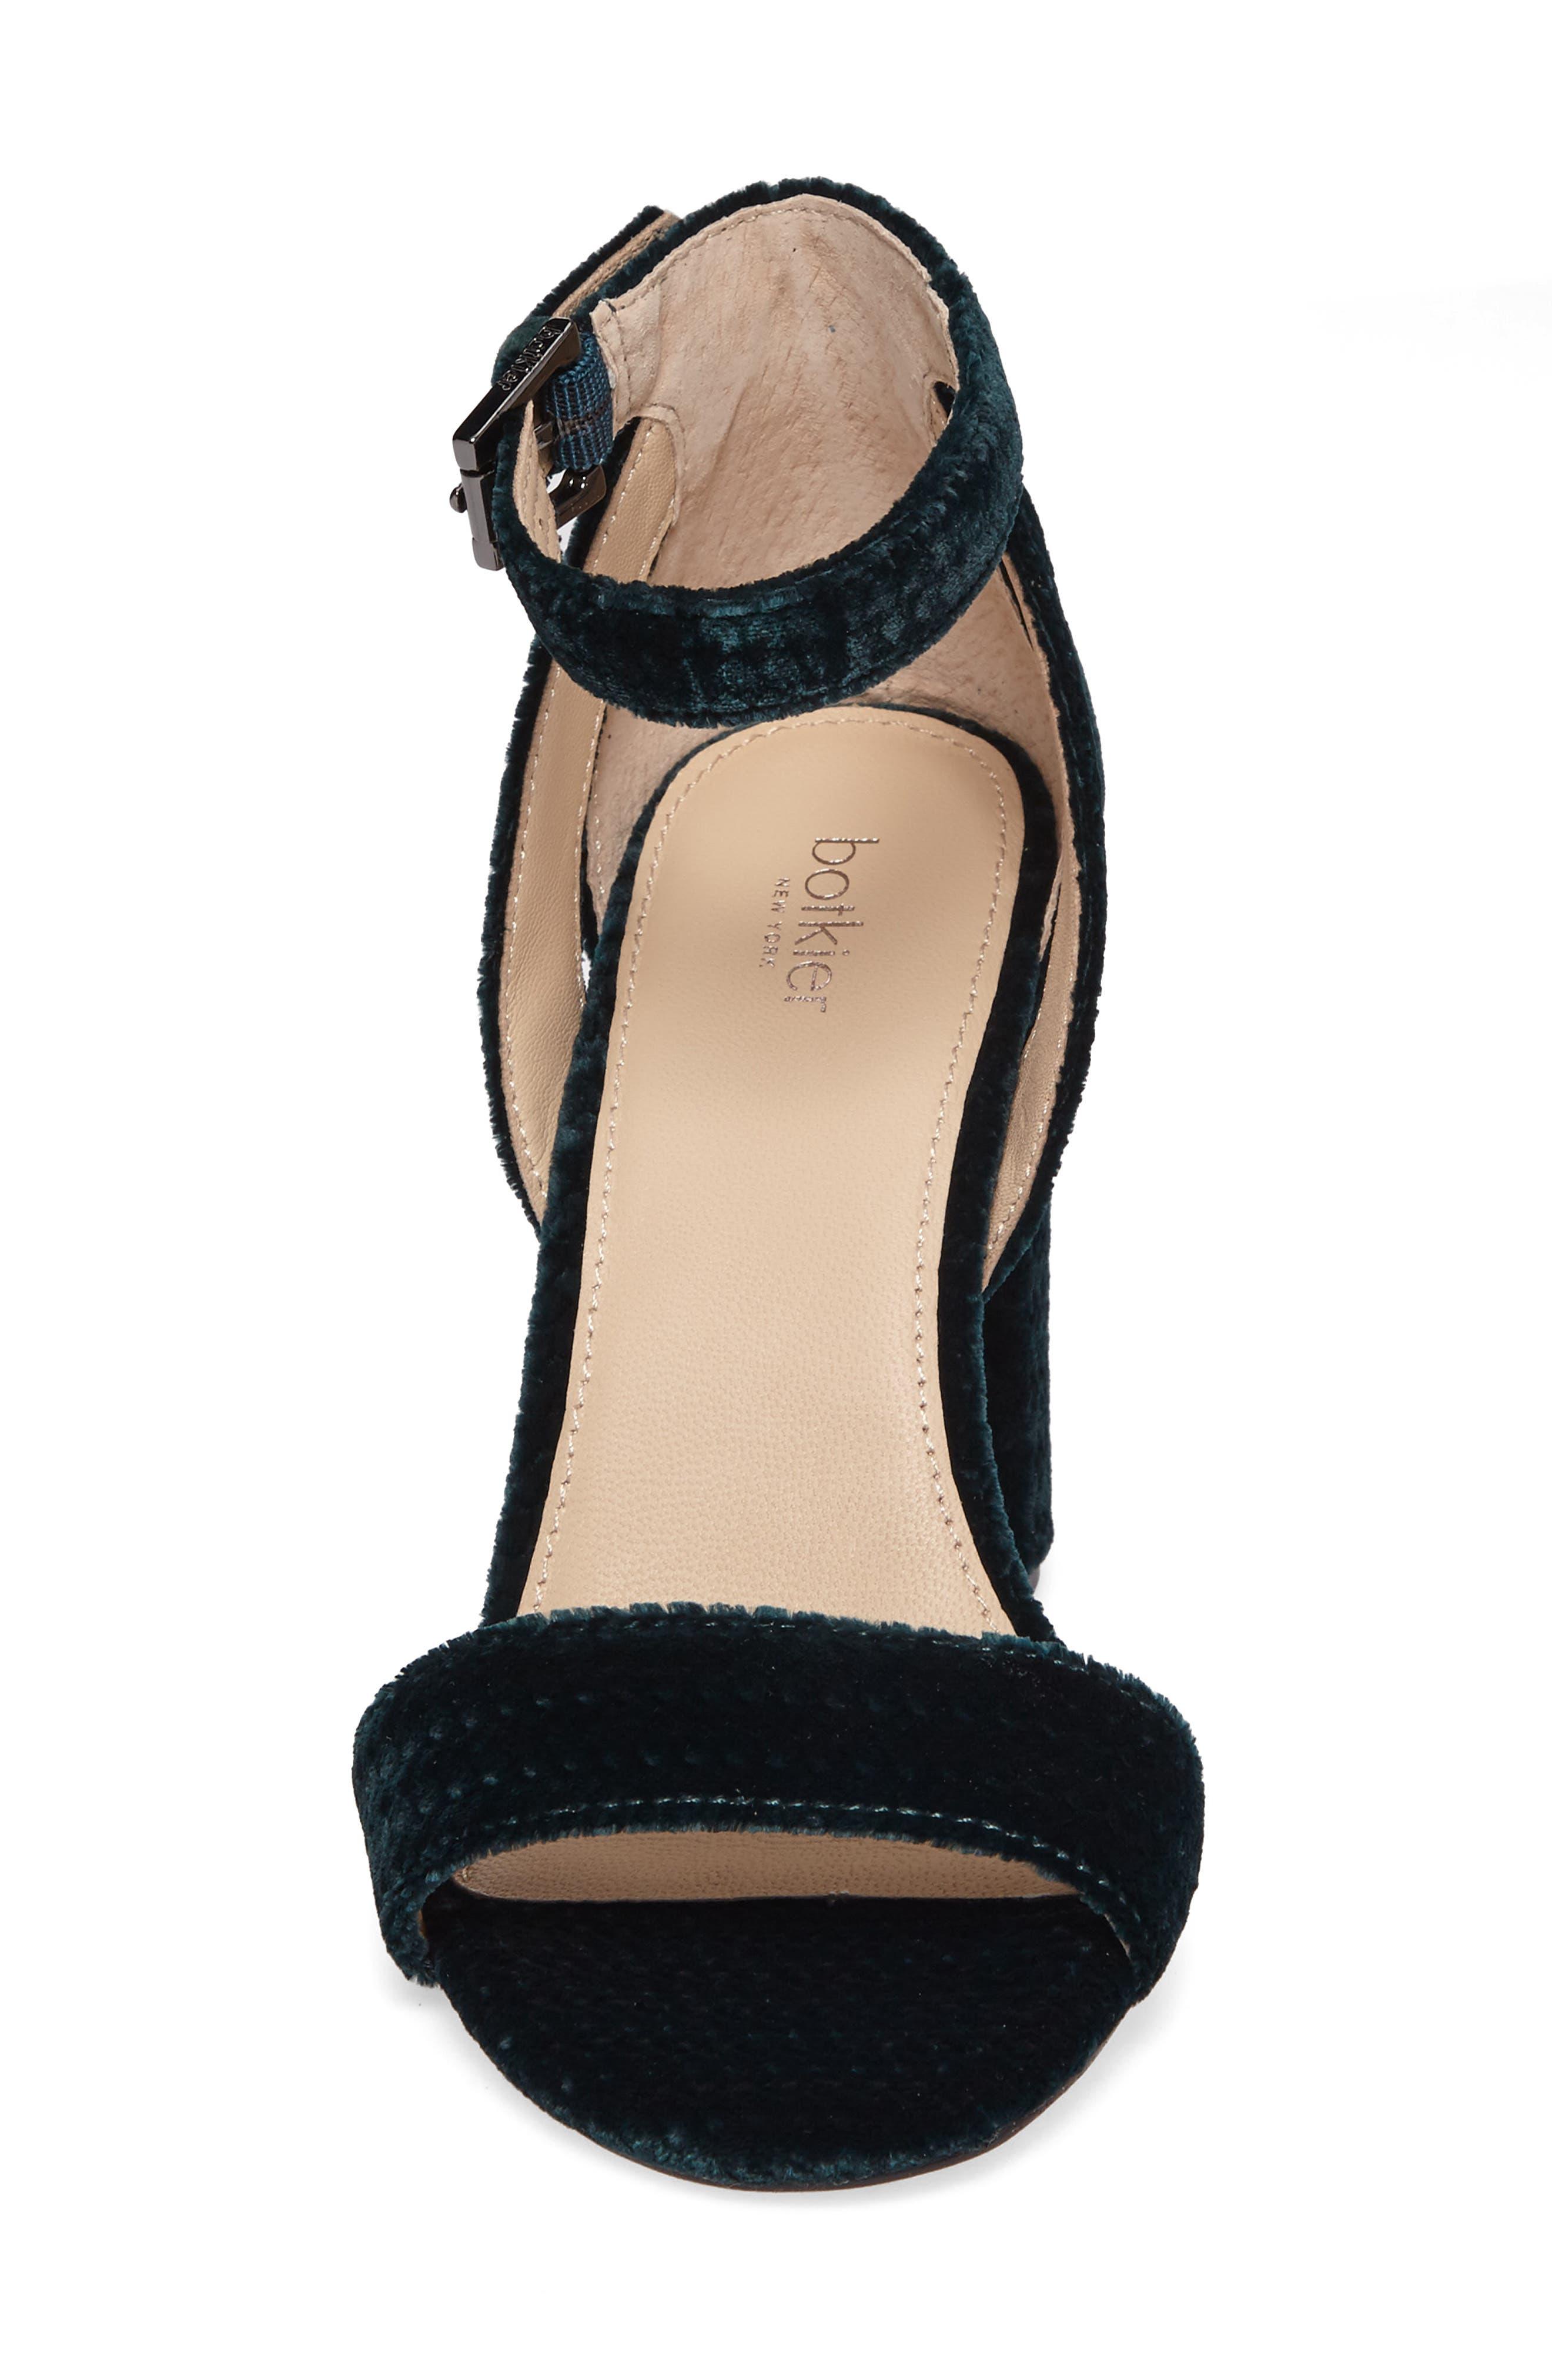 Gianna Ankle Strap Sandal,                             Alternate thumbnail 4, color,                             Emerald Velvet